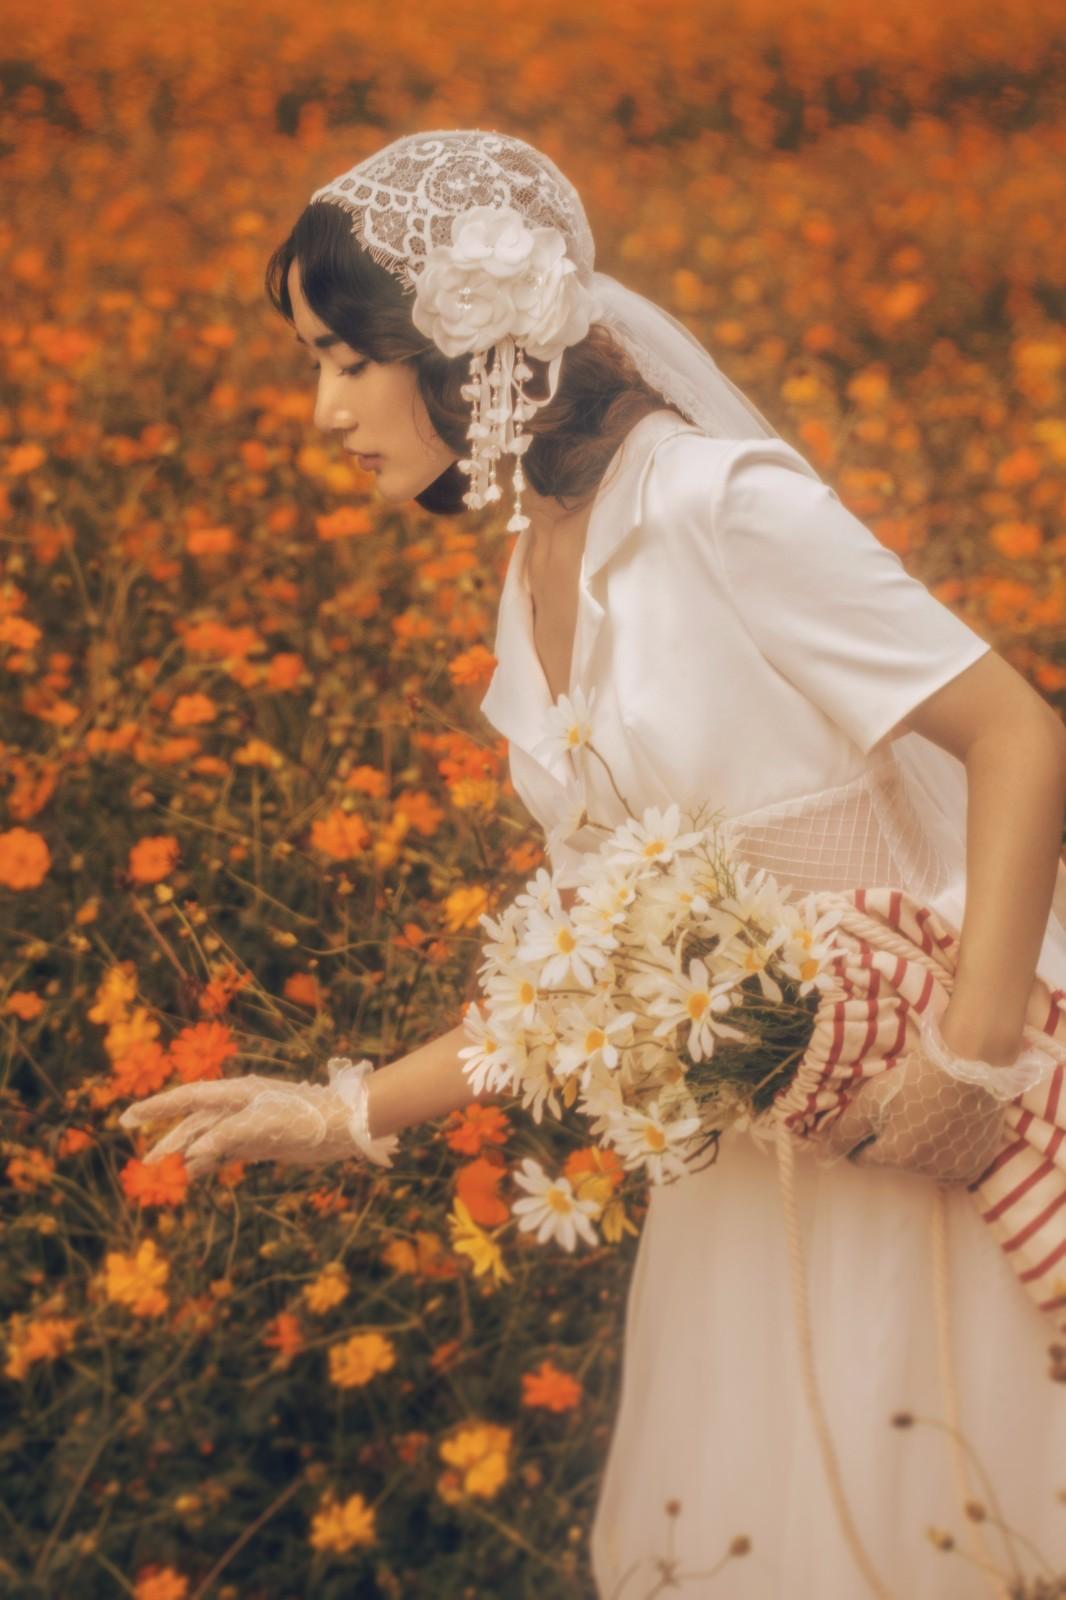 婚纱照时候新娘的淡妆化妆步骤有哪些